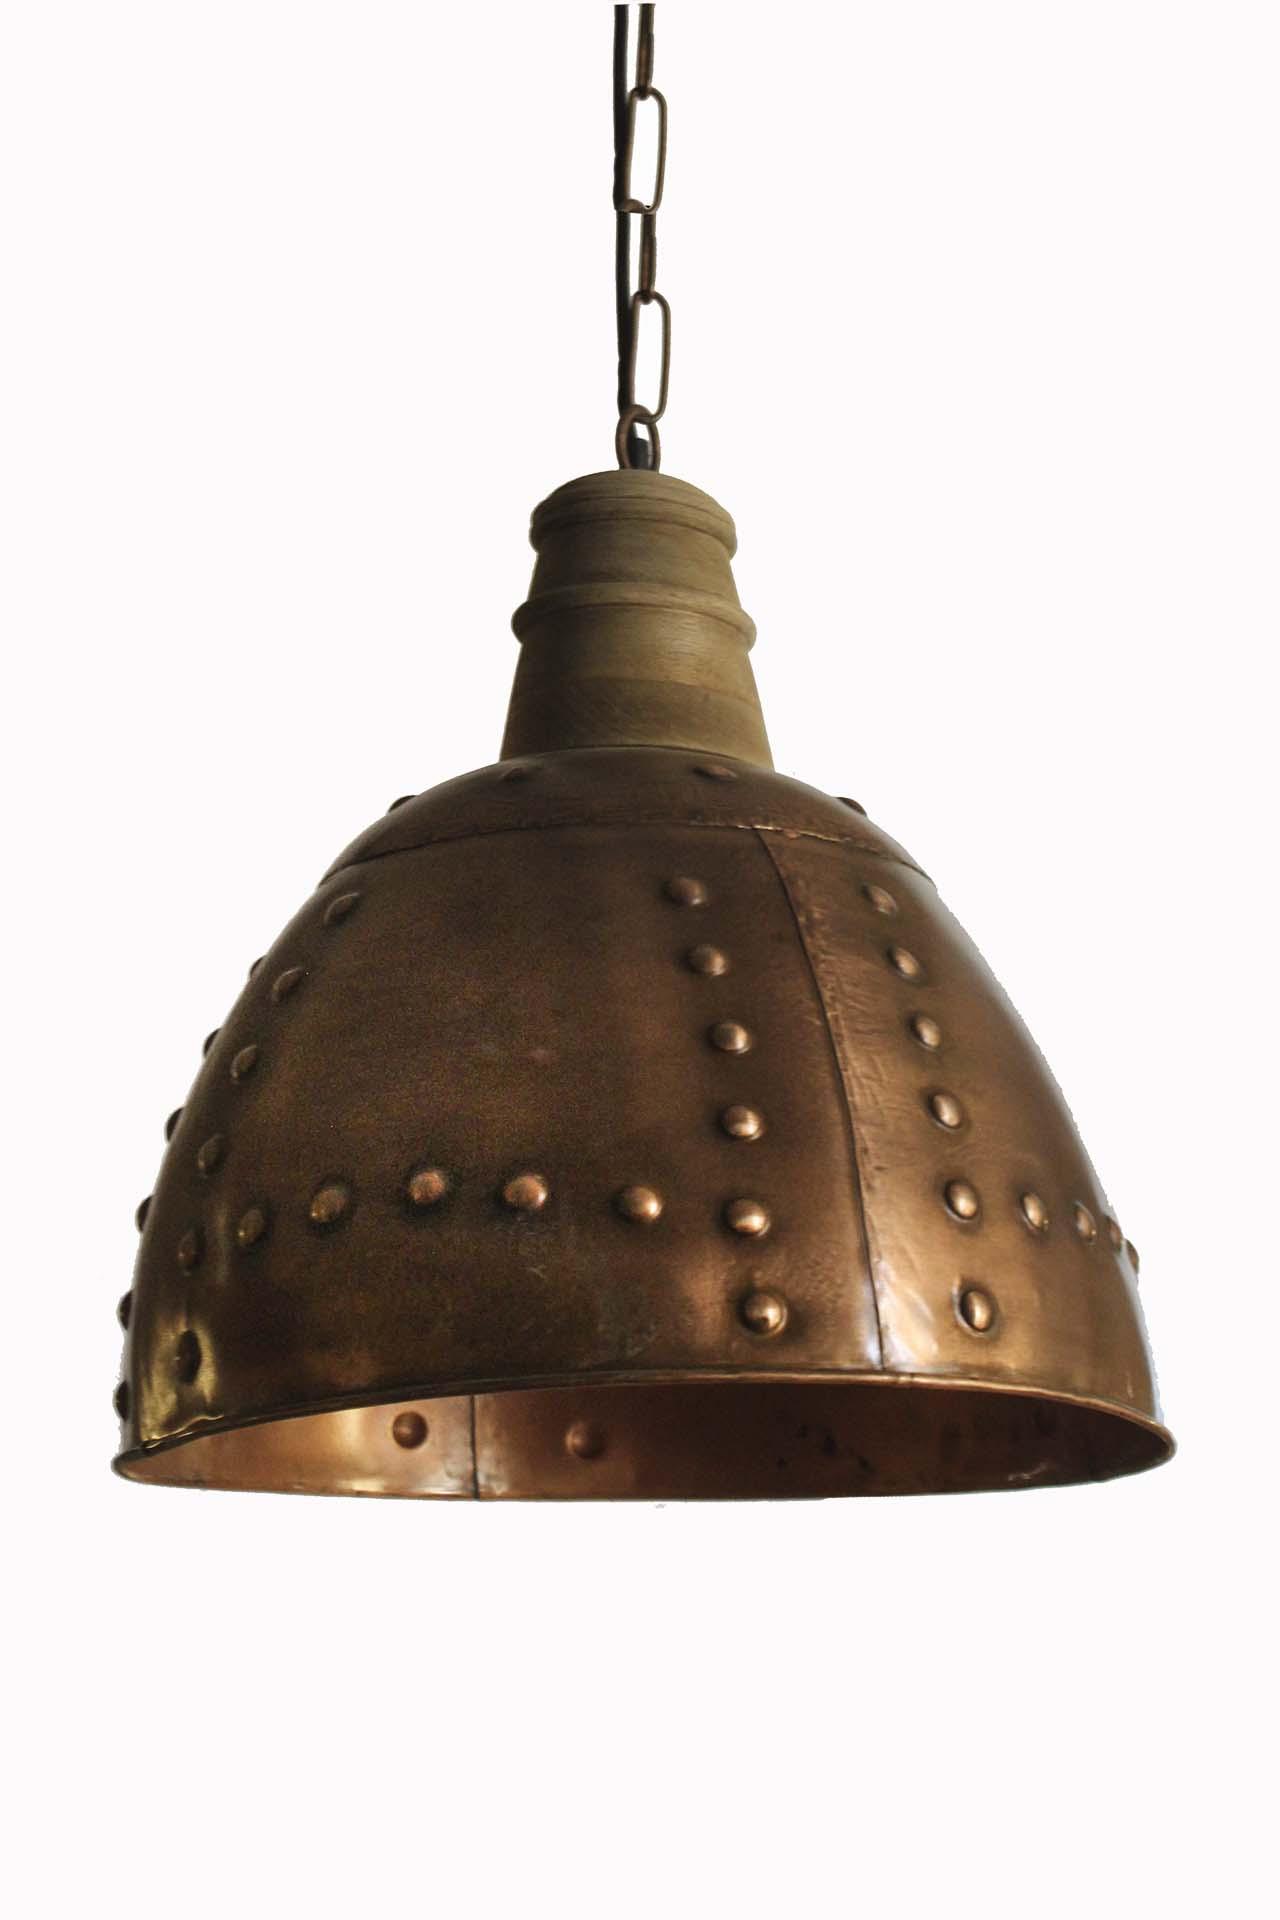 Lampa Industrialna Miedziana Indigodecor